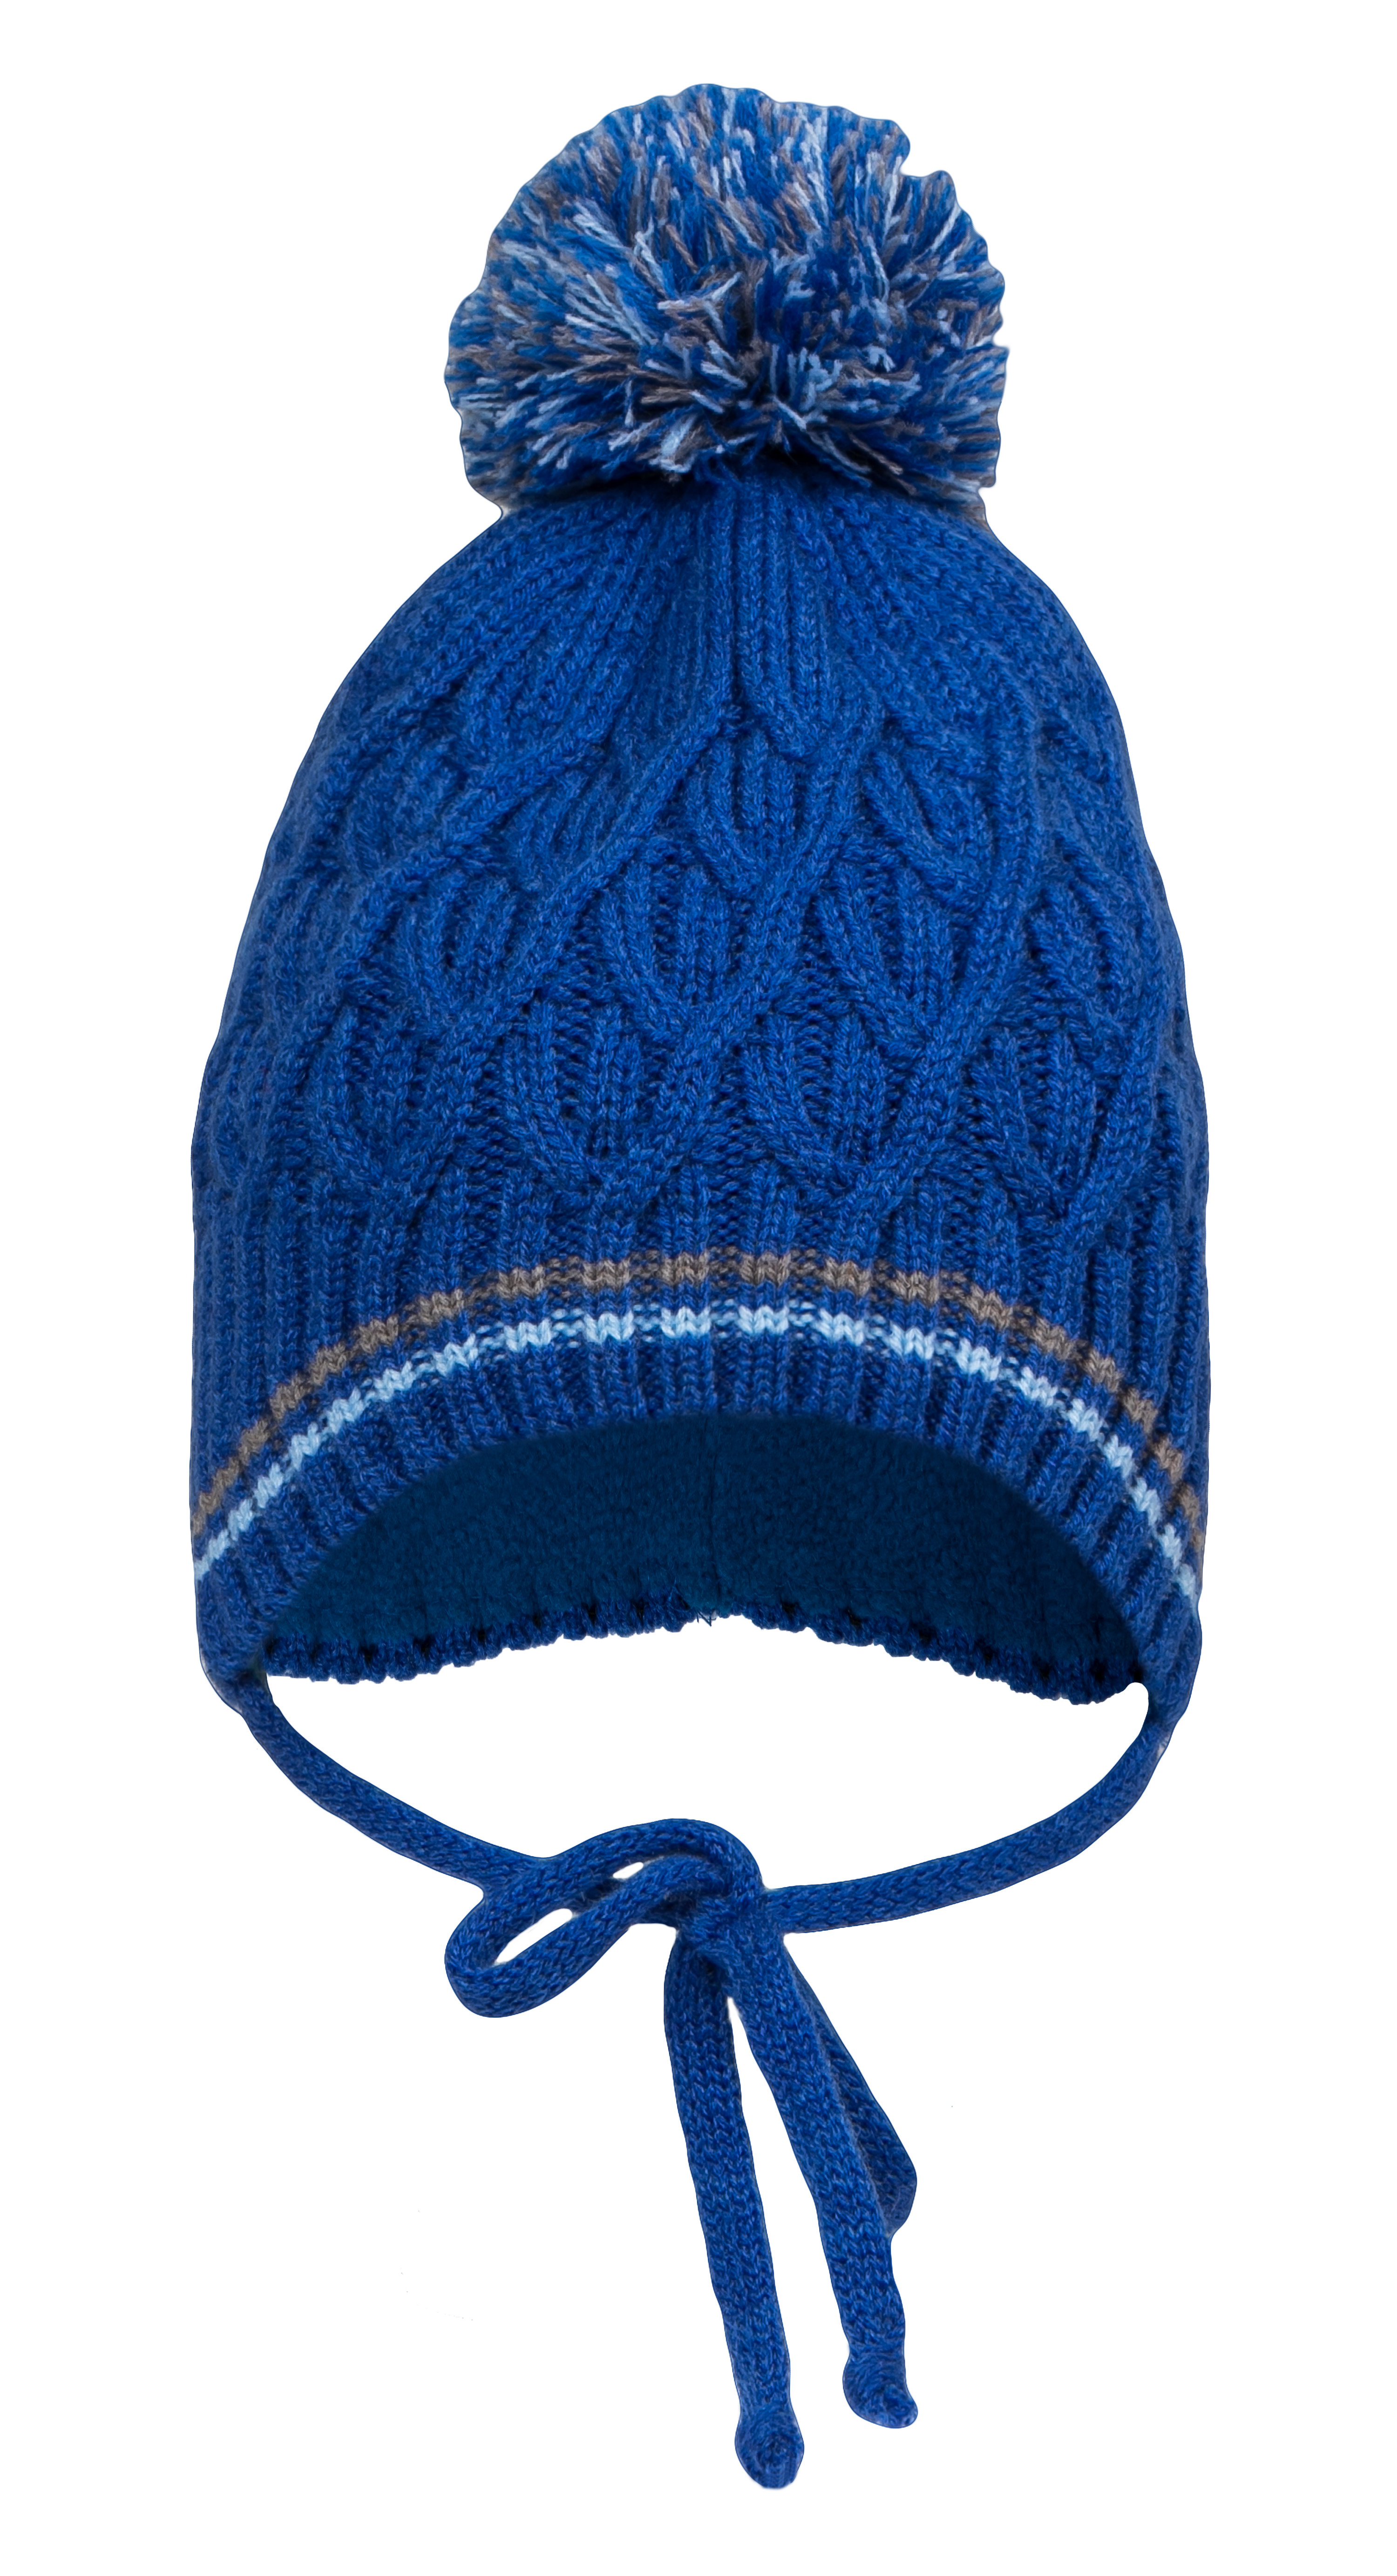 Шапка (ушанка) Barkito W18B4014A(2) шапка ушанка для мальчика barkito темно синяя с рисунком в полоску